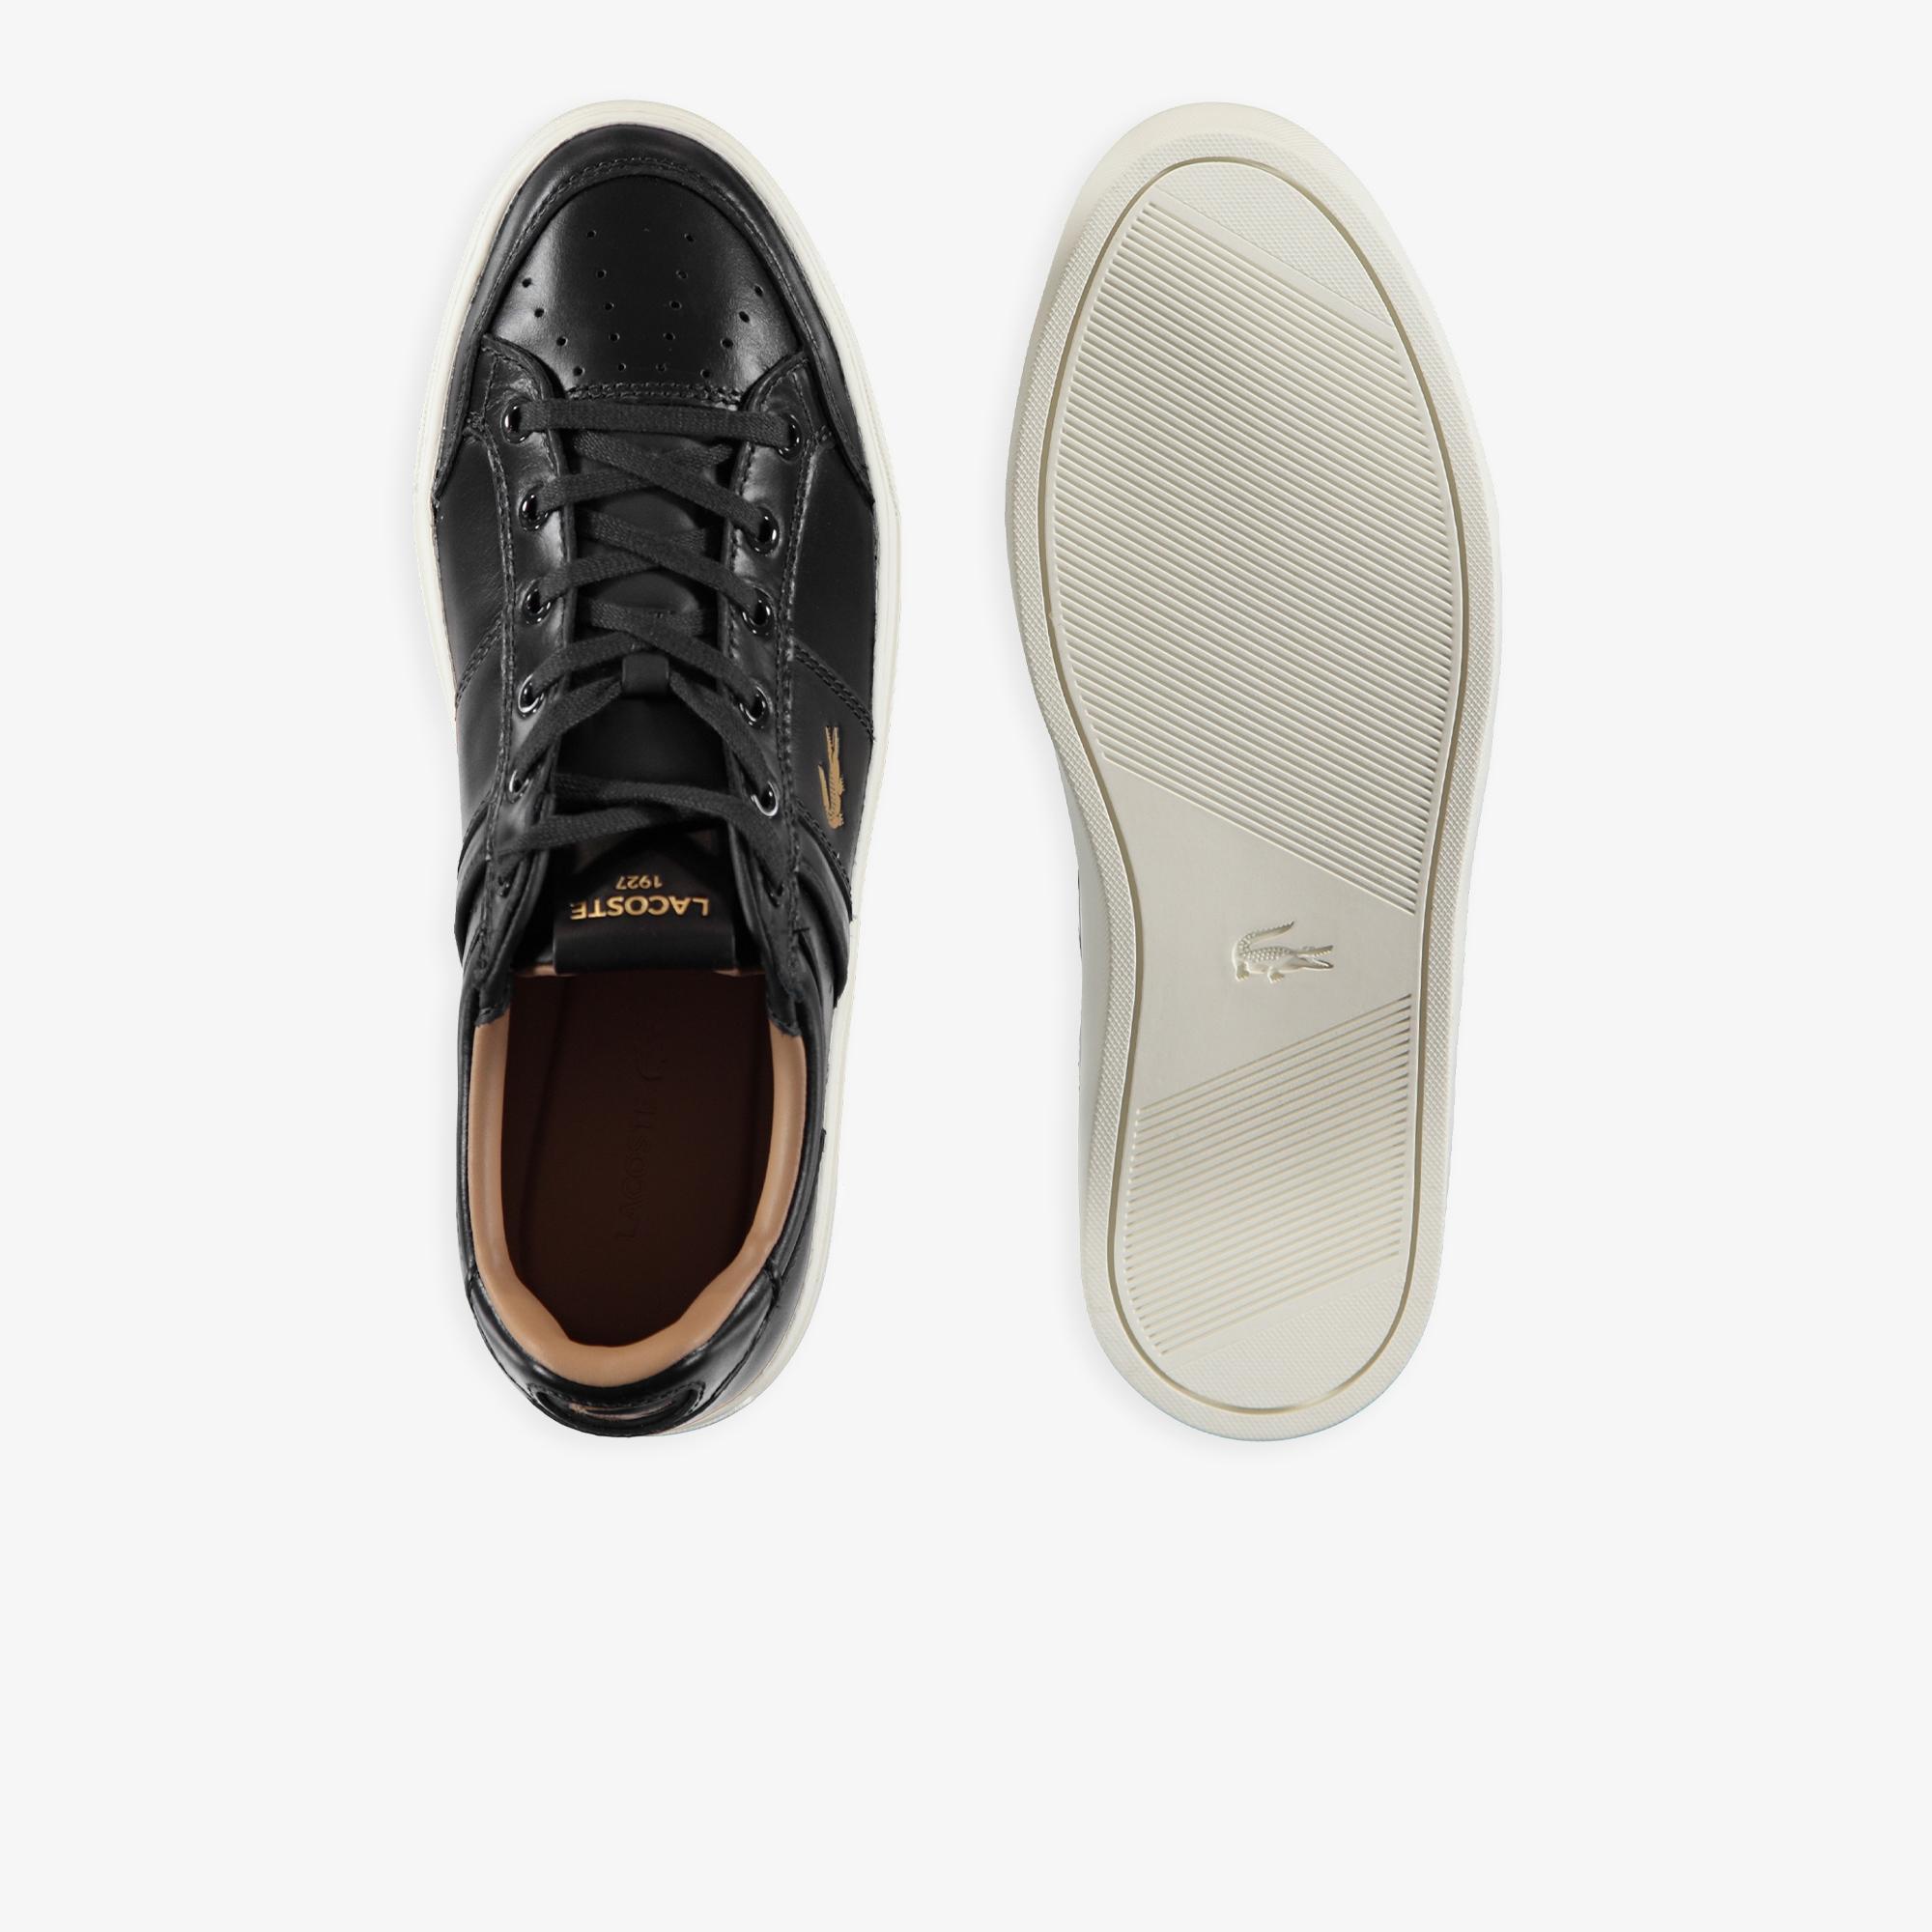 Lacoste Courtline 120 1 Us Cma Erkek Lacivert - Beyaz Deri Casual Ayakkabı